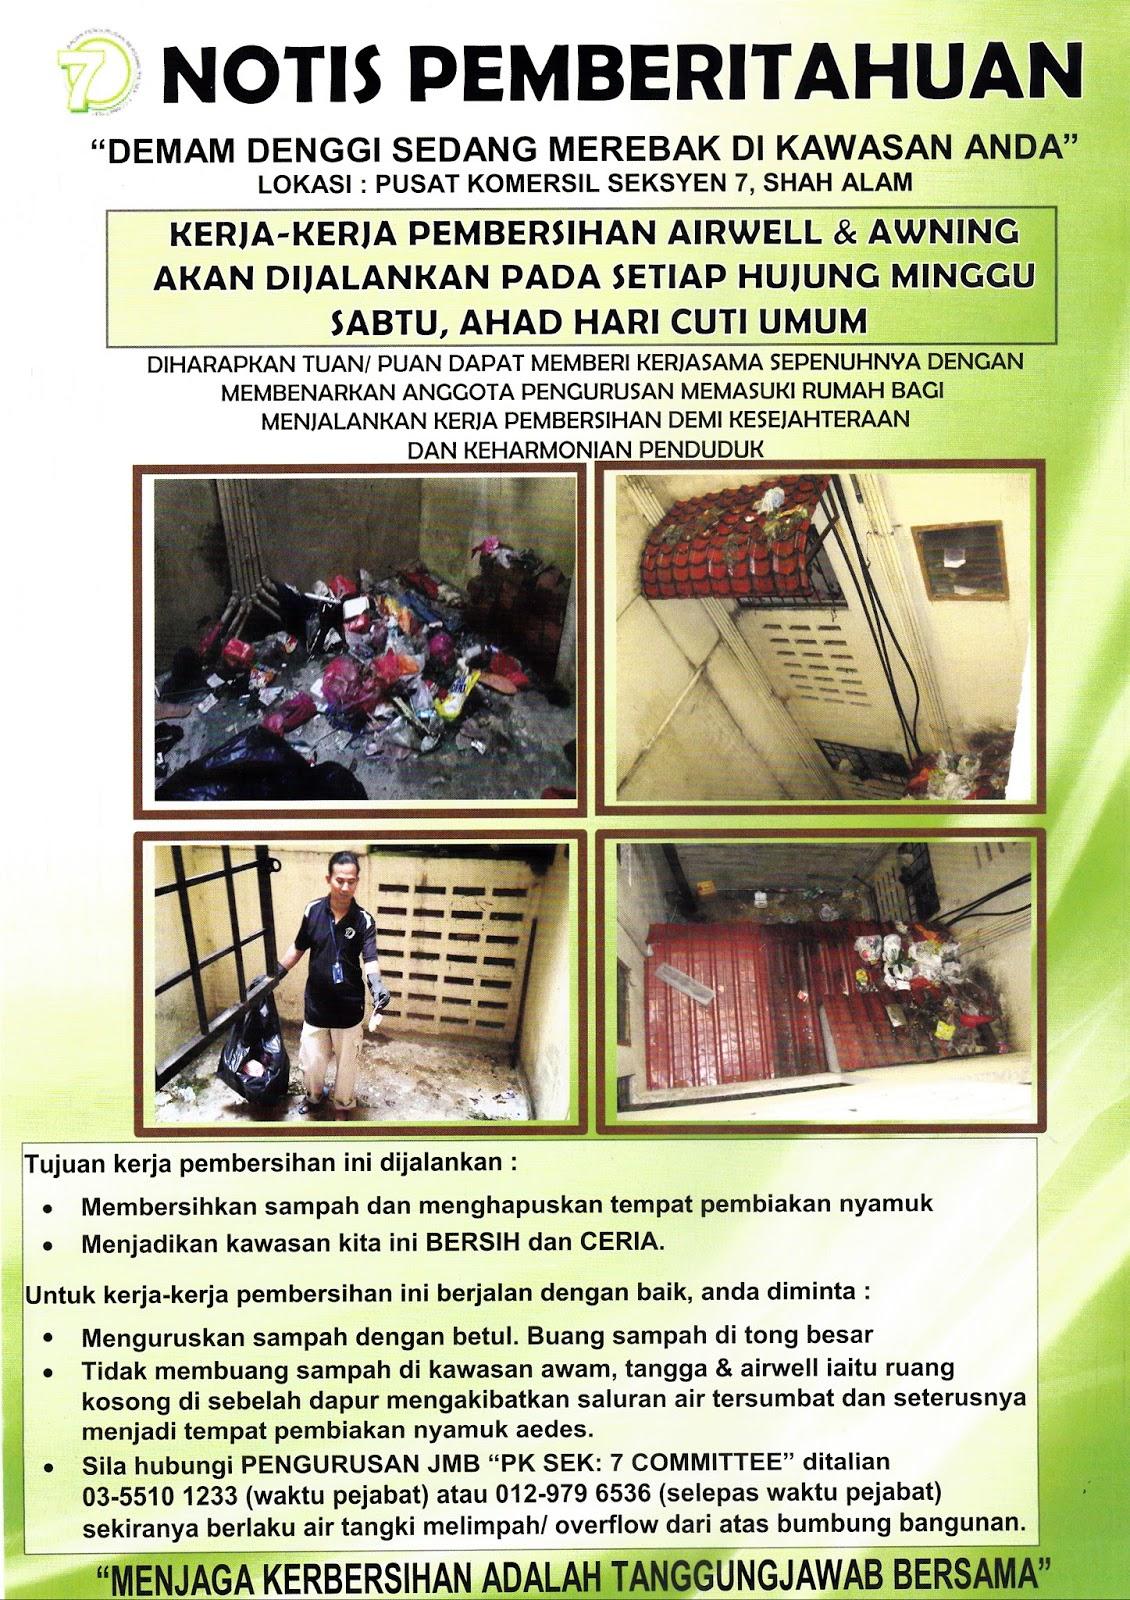 Badan Pengurusan Bersama Jmb Pusat Komersil Yen 7 Shah Alam